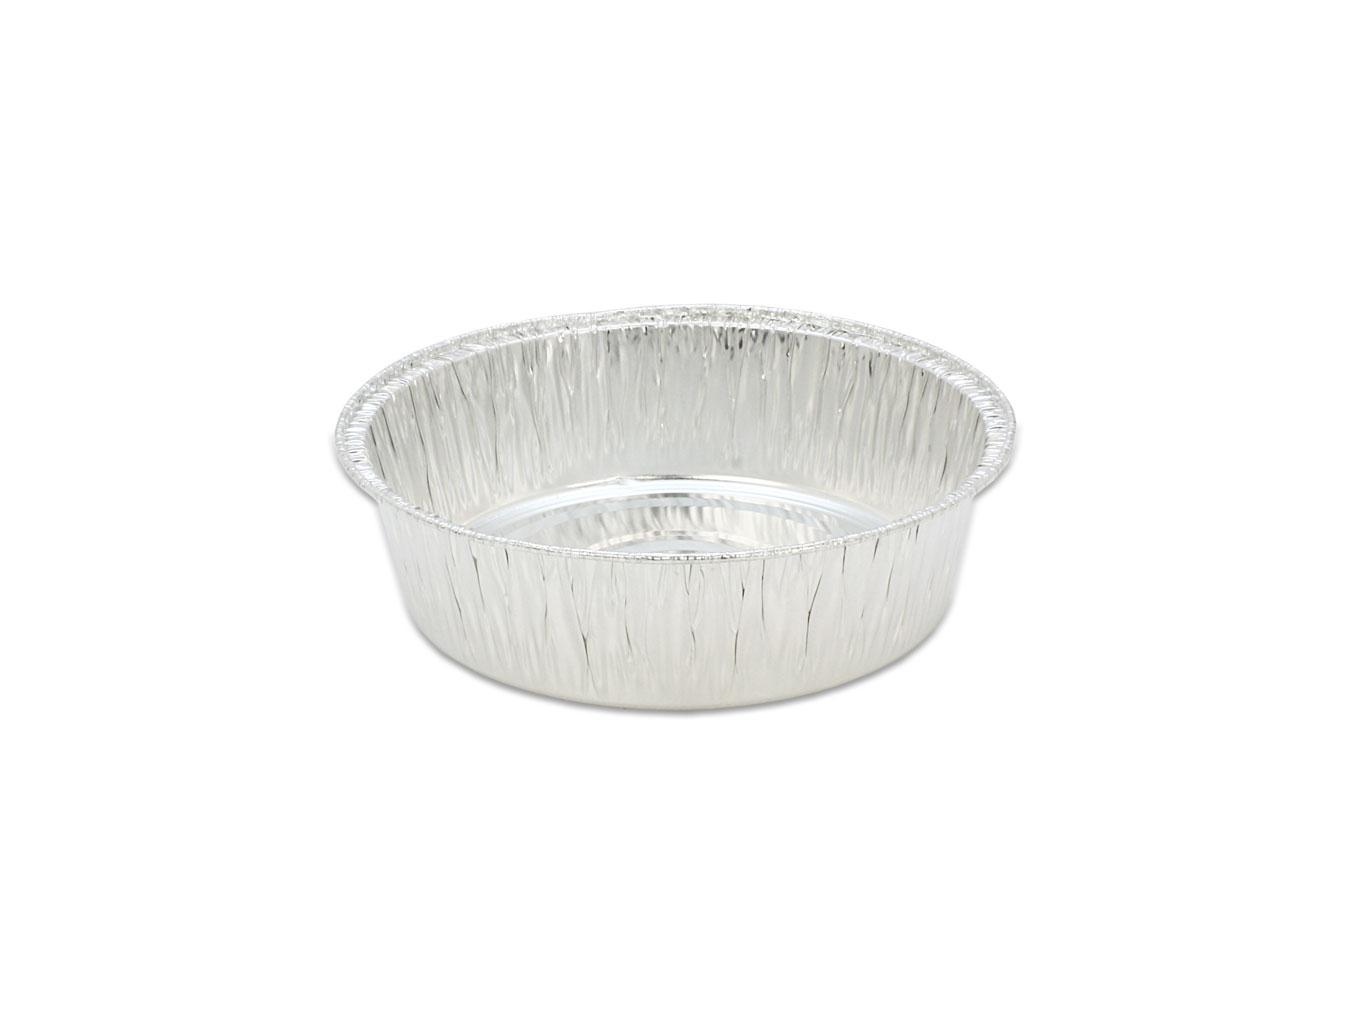 鋁箔容器、錫箔、烤模、 5吋蛋糕模、圓形 602 (100pcs/包)(透明蓋)